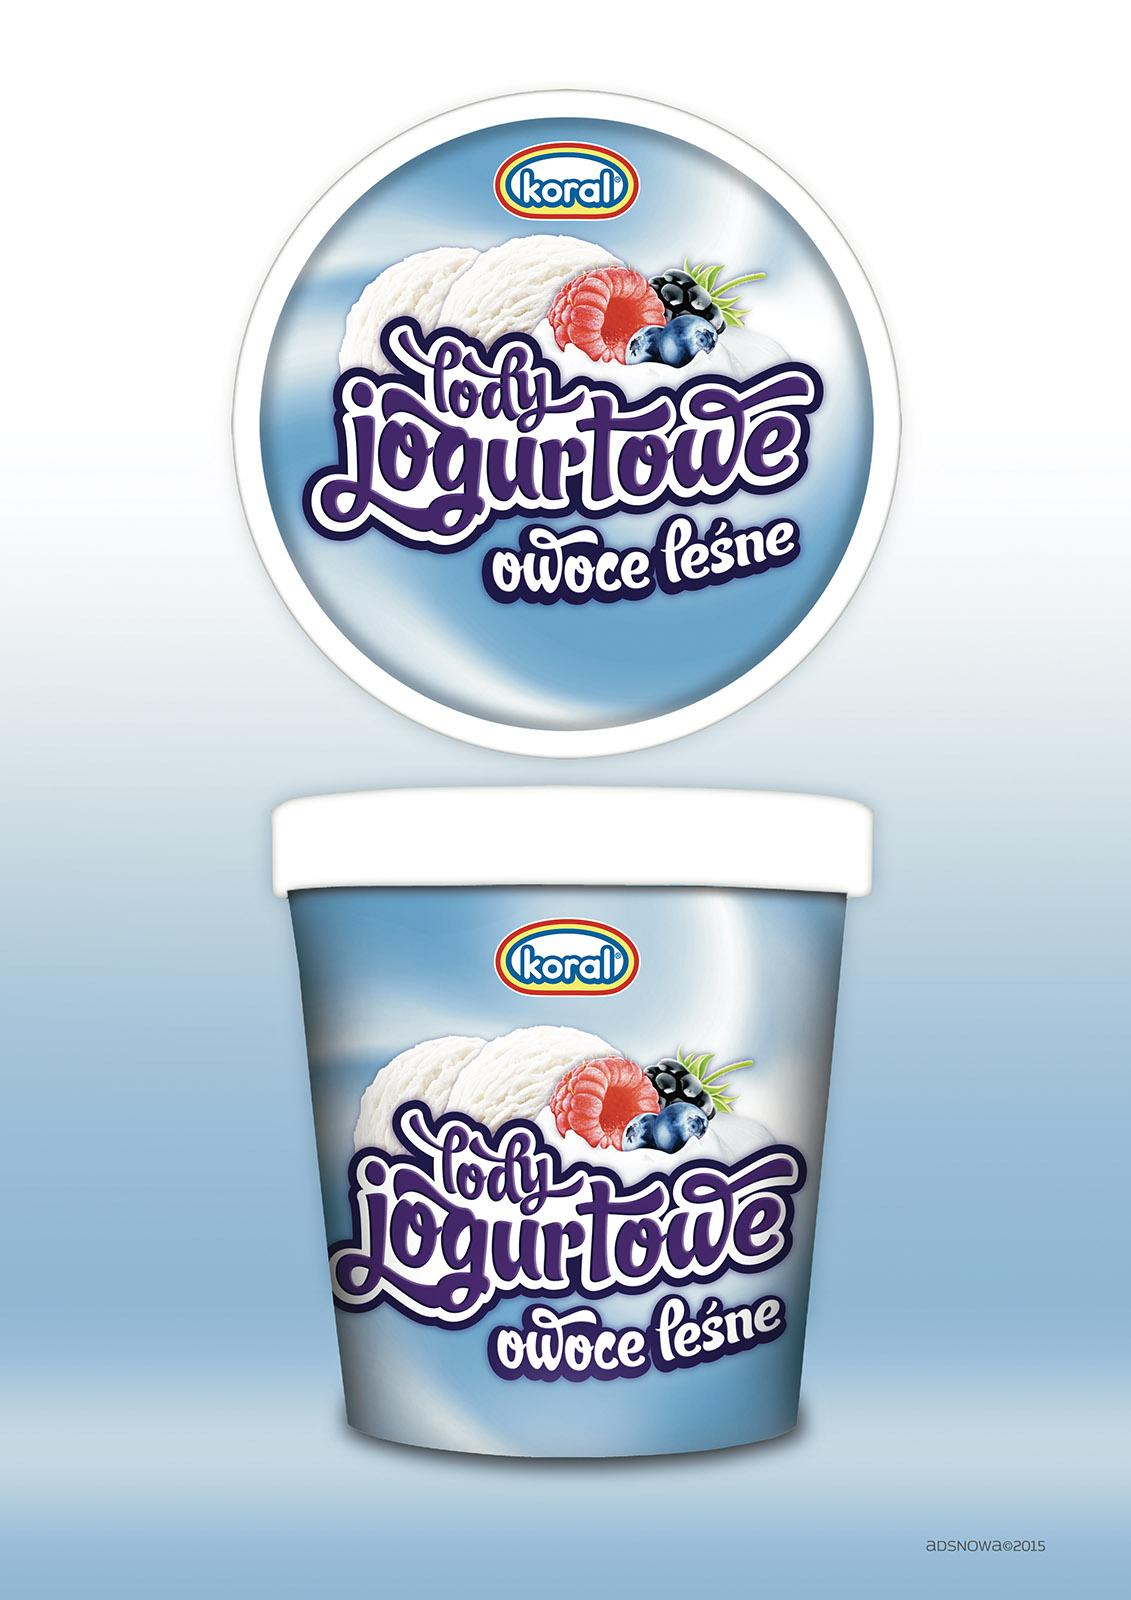 KORAL_jogurtowe_propozycja